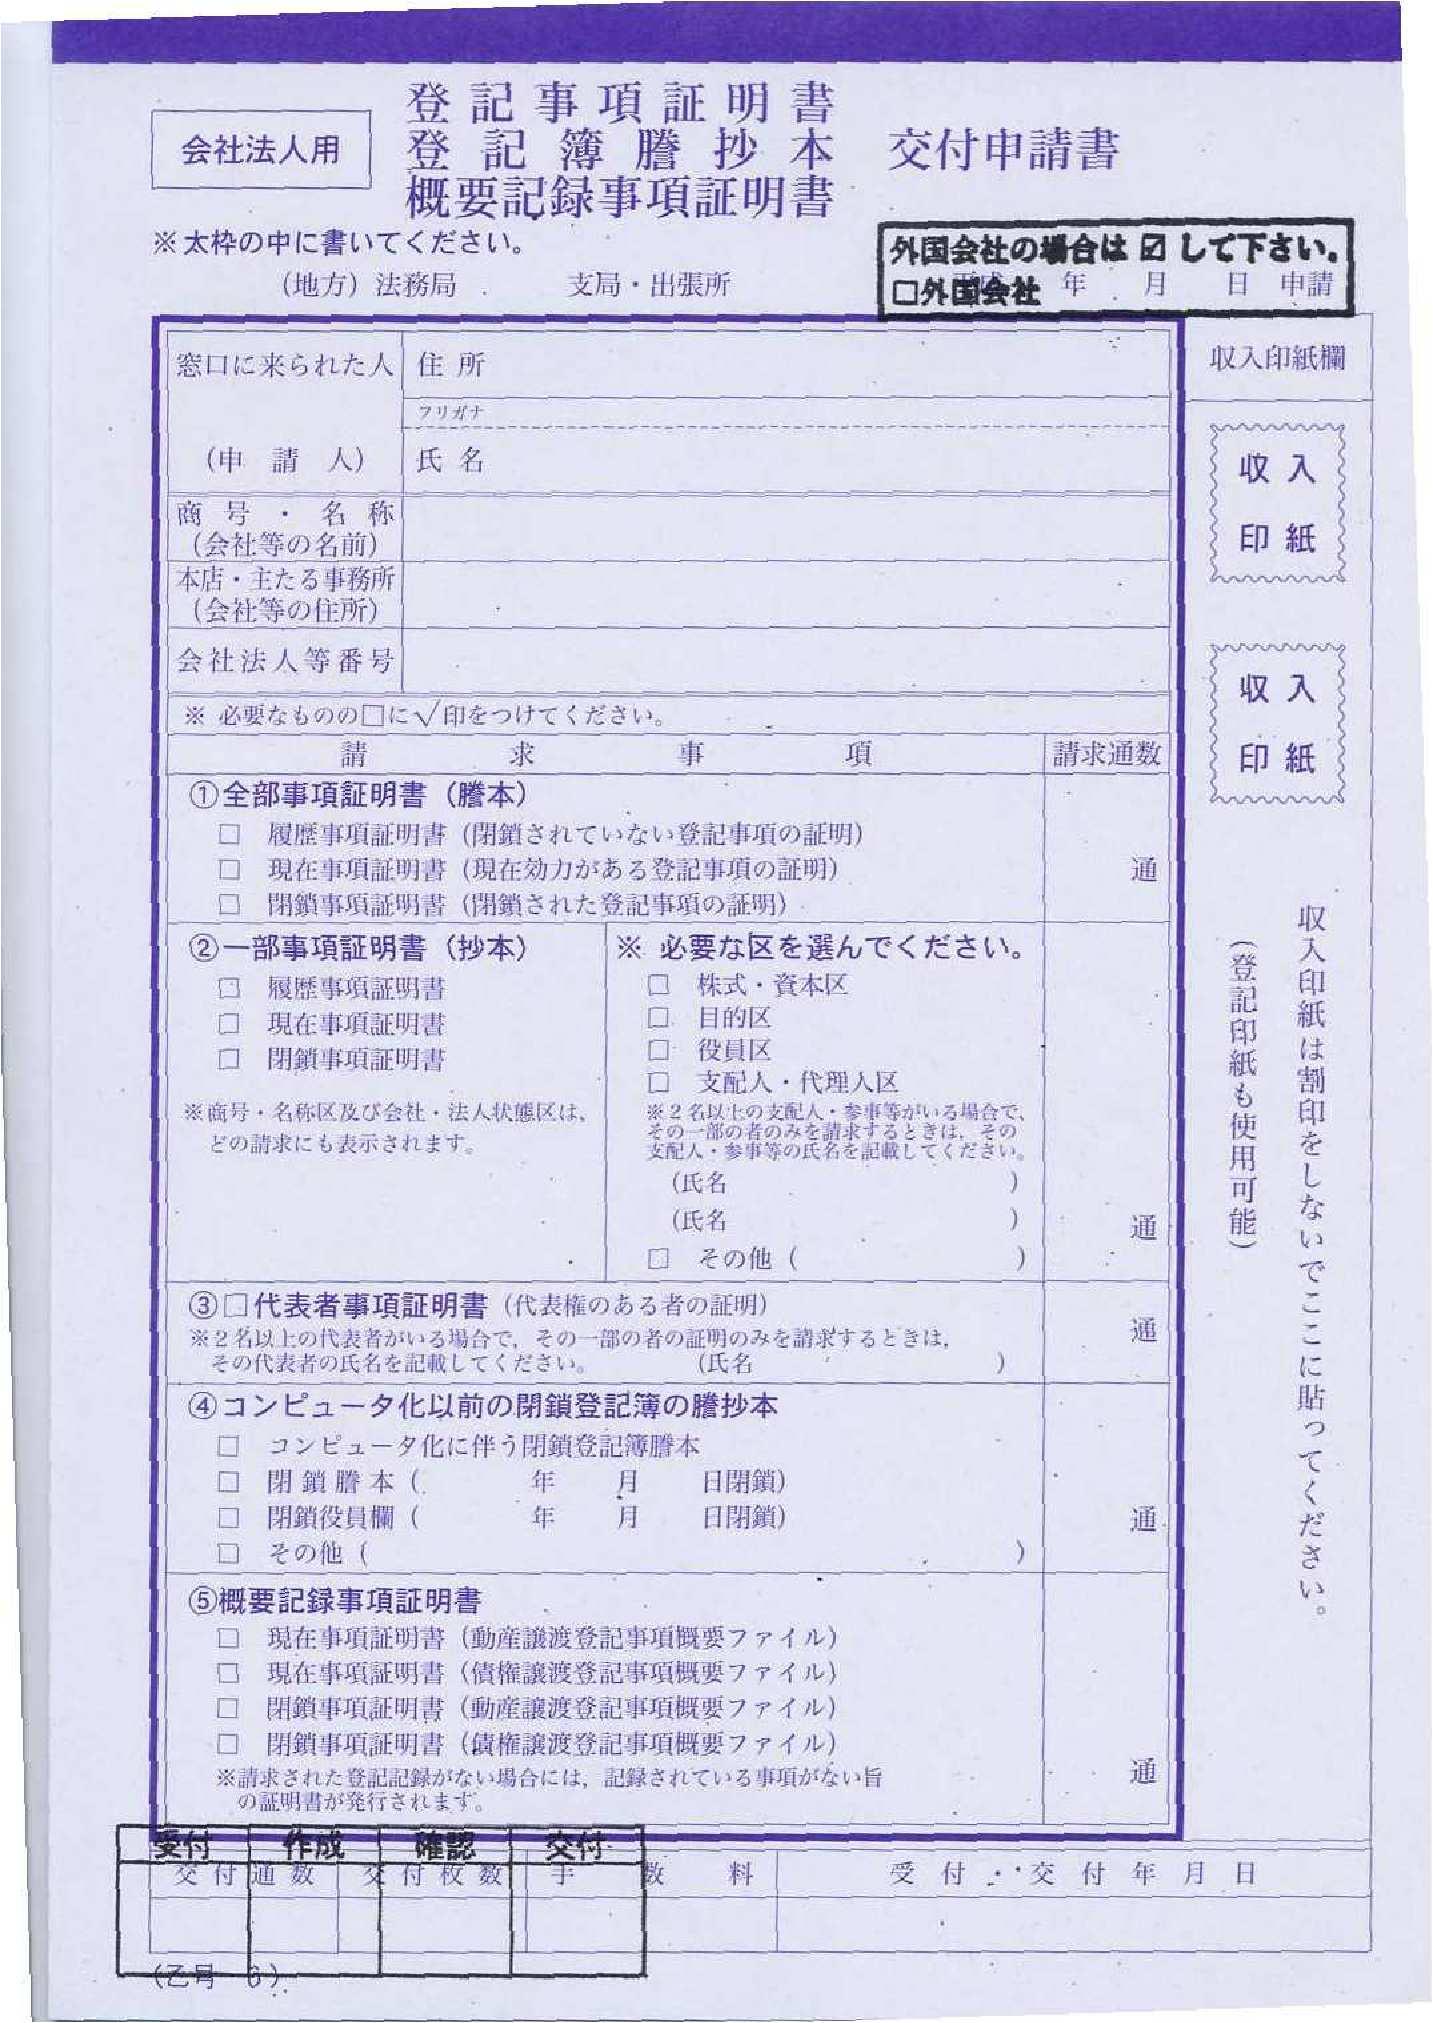 登記 簿 謄本 法人